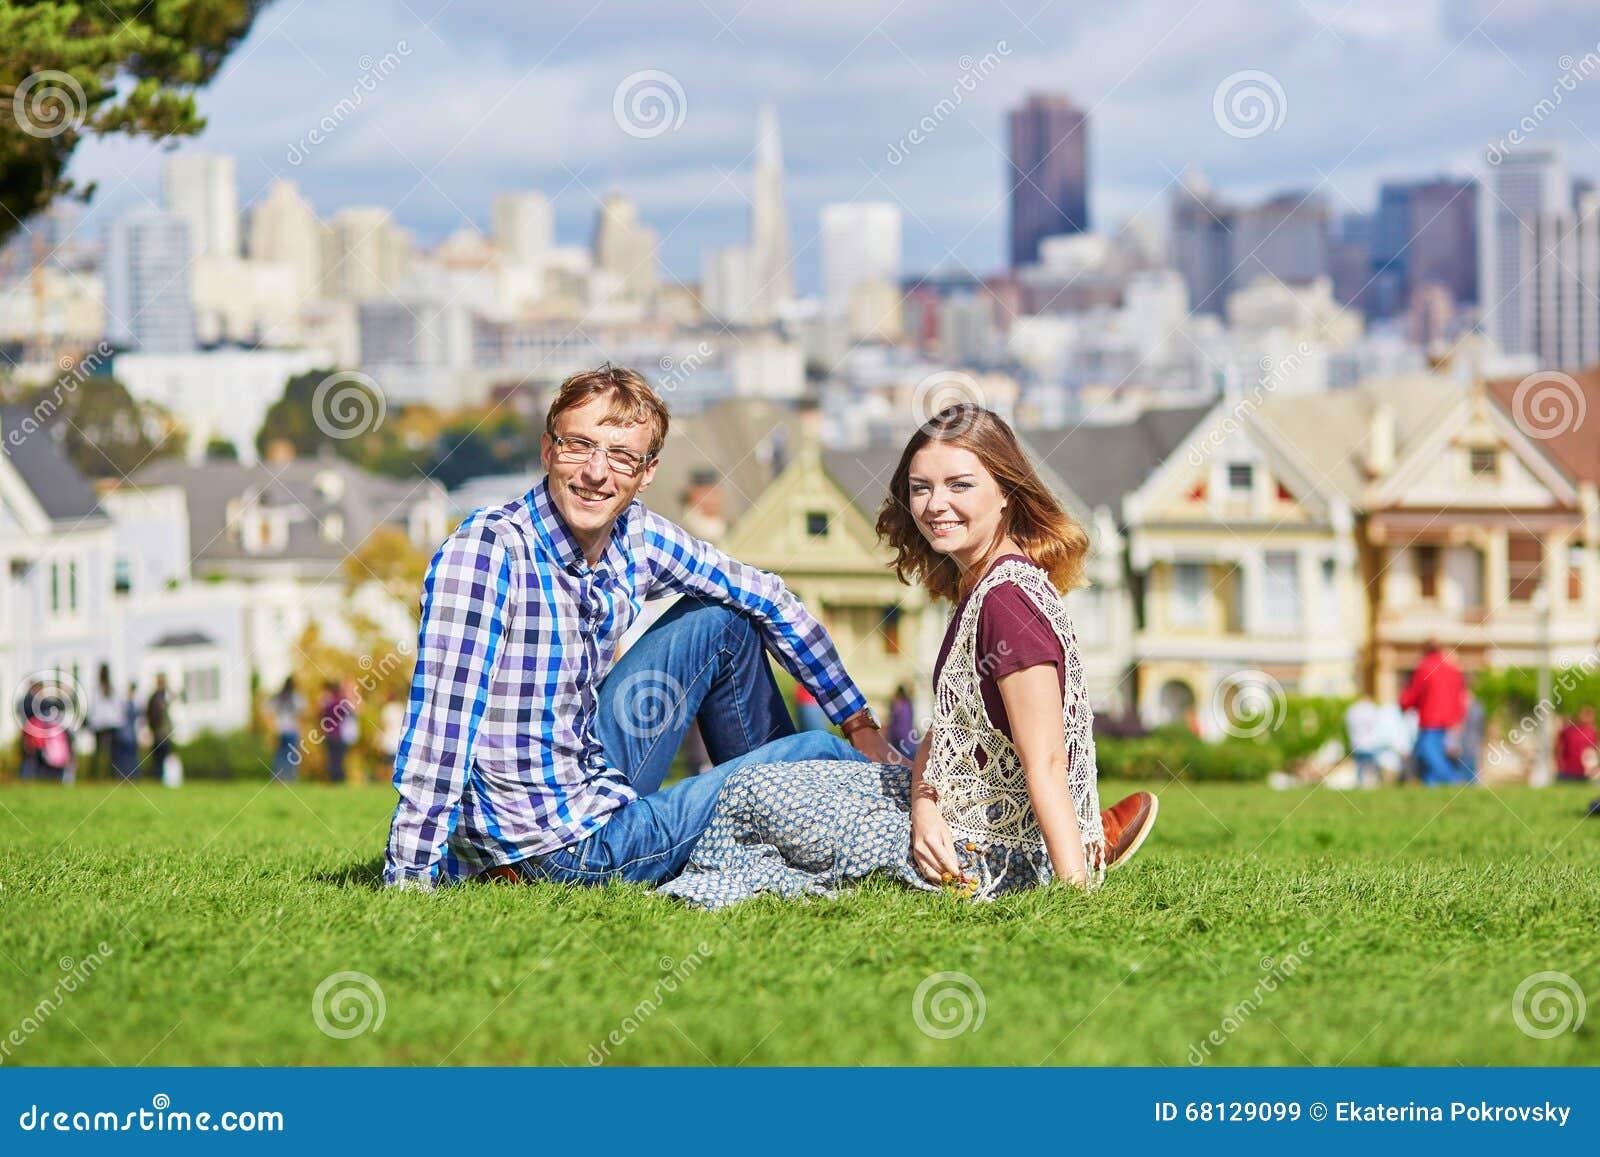 dating San Francisco ca Gratis Dating Sites Karnataka